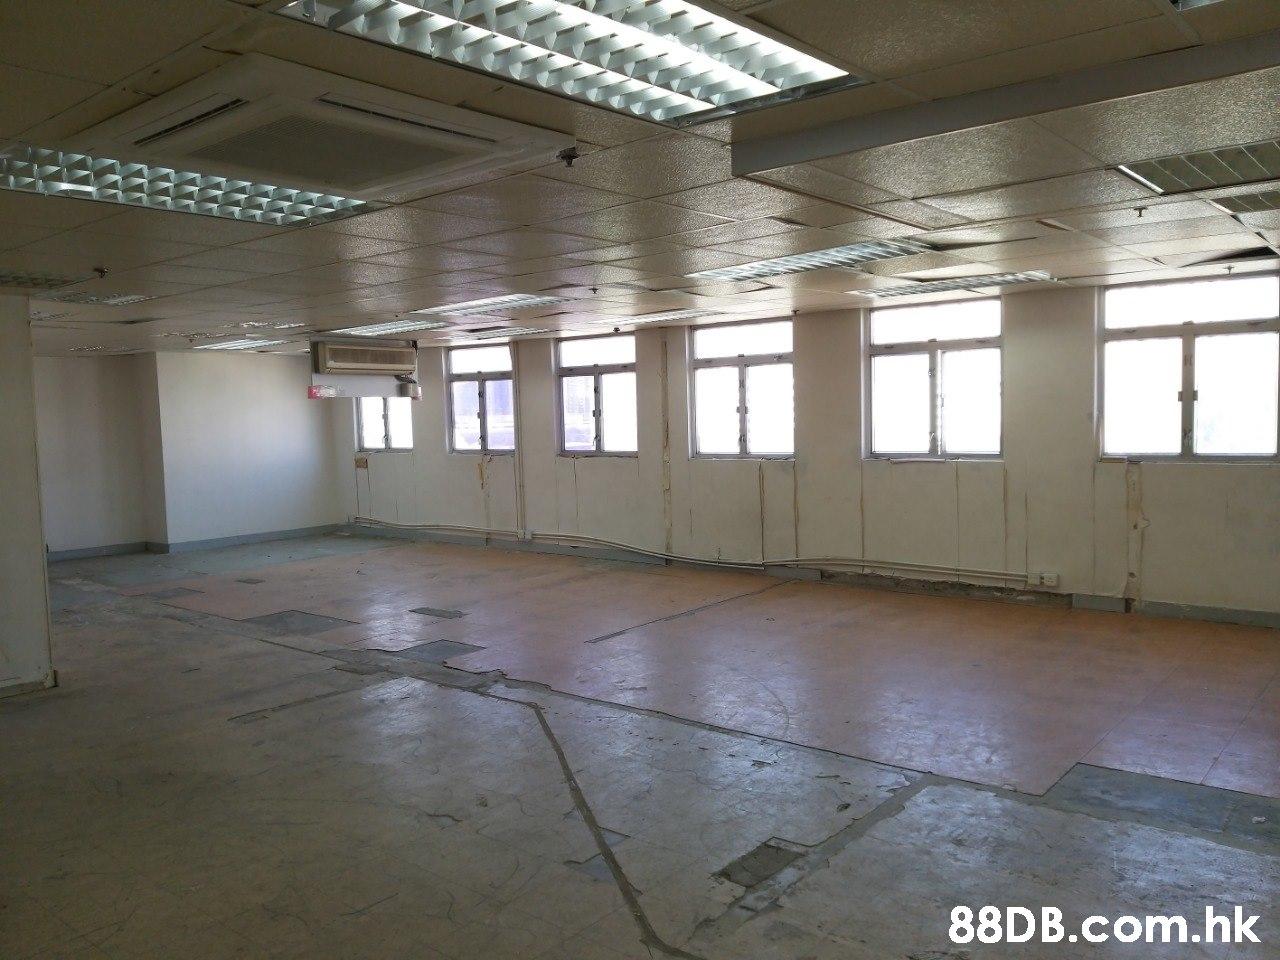 .hk  Floor,Building,Hall,Ceiling,Room